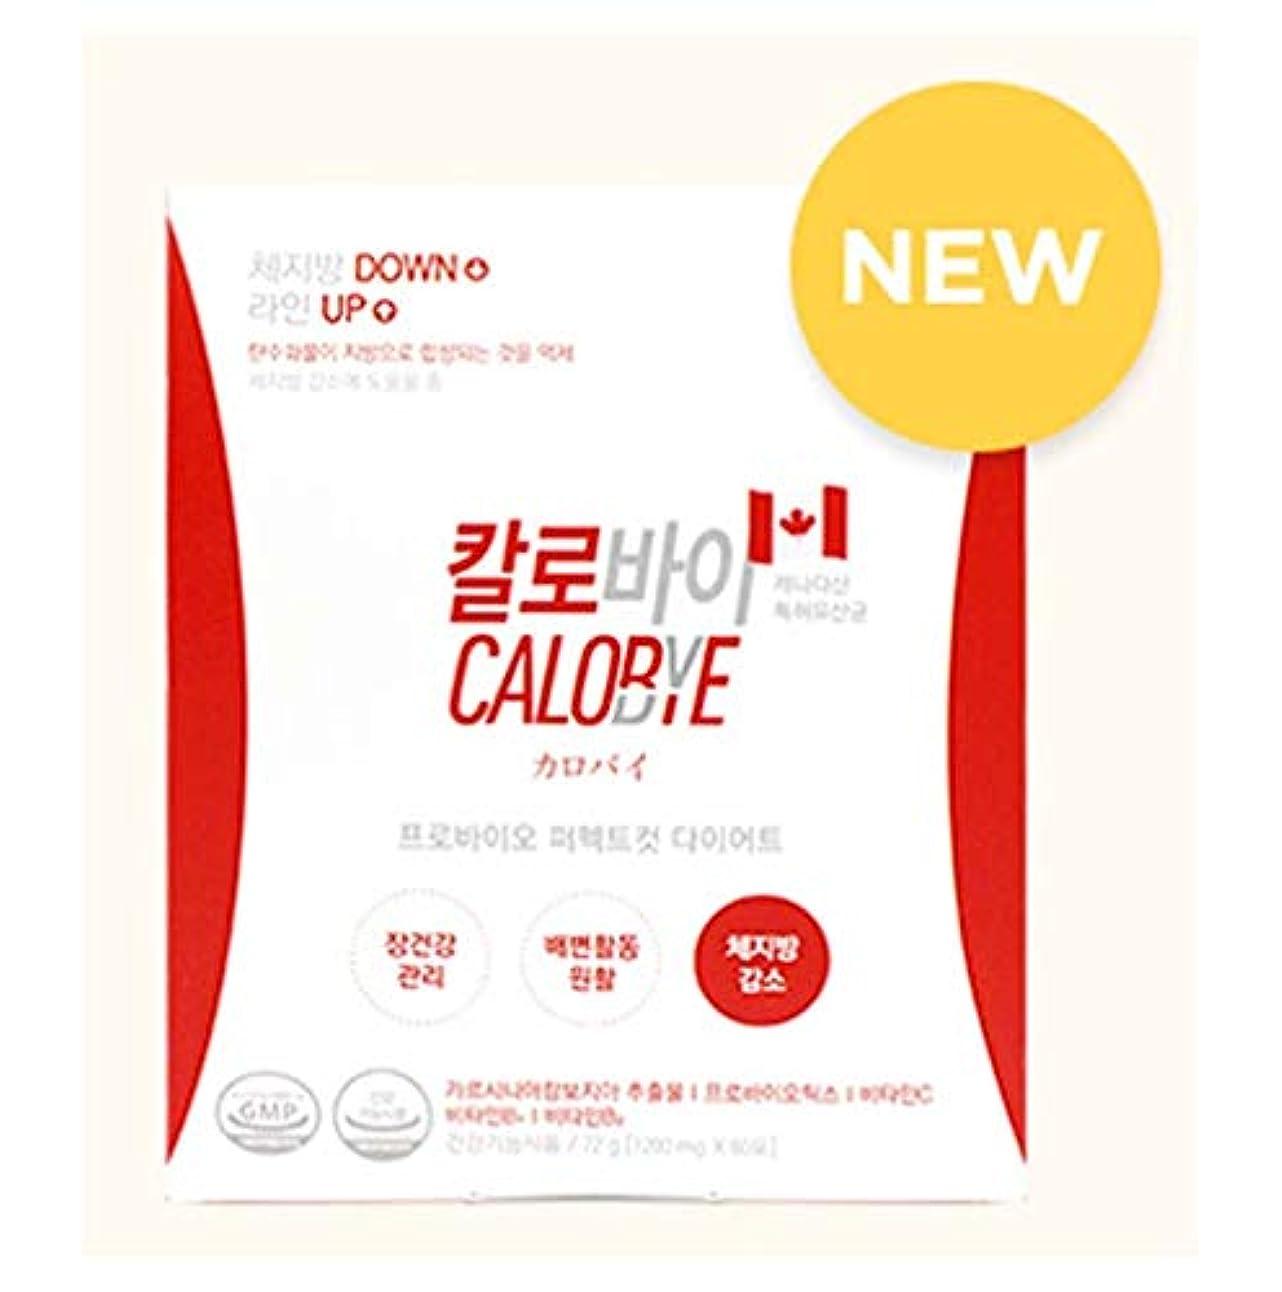 ボット医師磁気New CALOBYE Premium: 減量食薬 Weight Loss Diet for 1month (60 Pouch=240pills/2times in a Day Before a Meal) Made in...